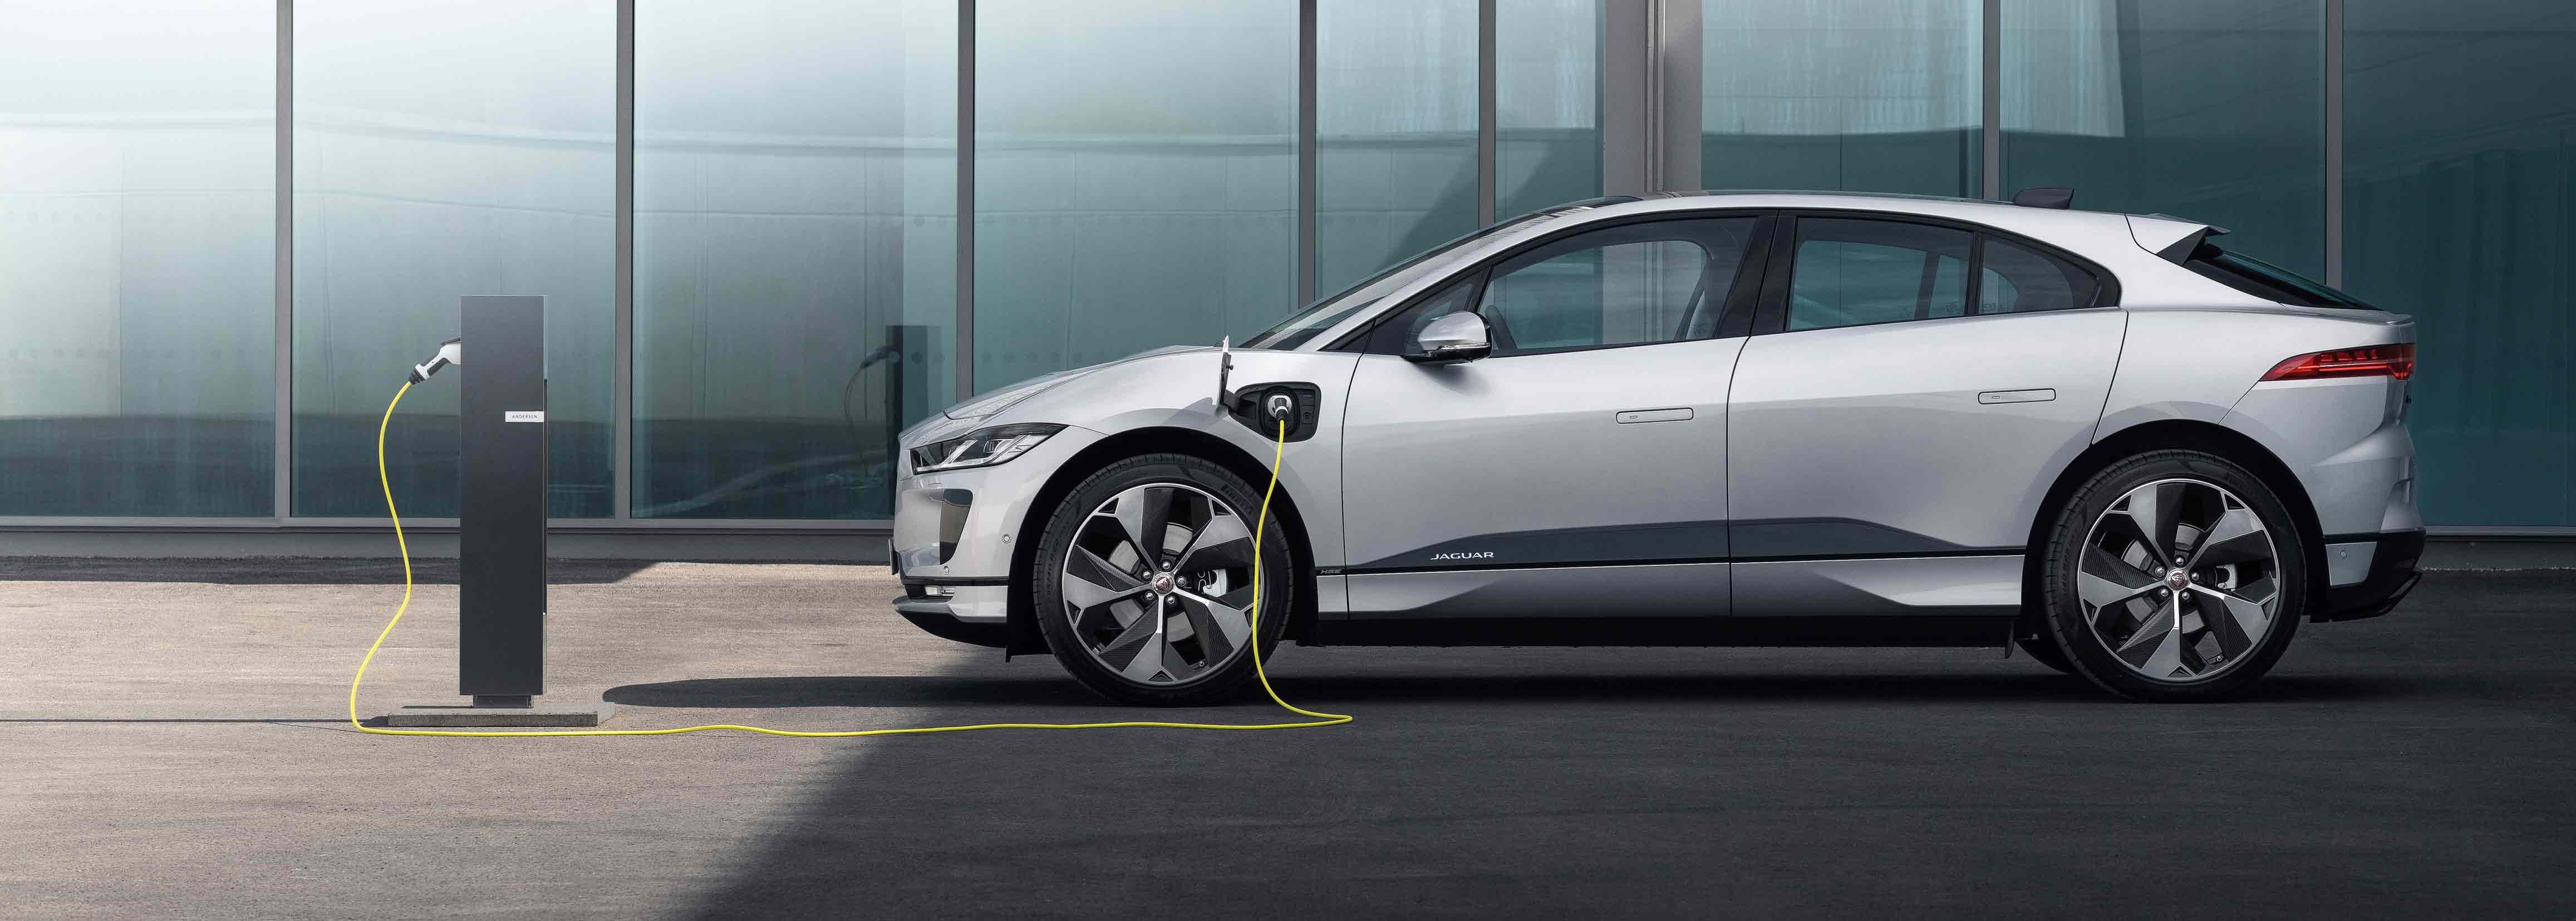 Understanding electric vehicle terminology